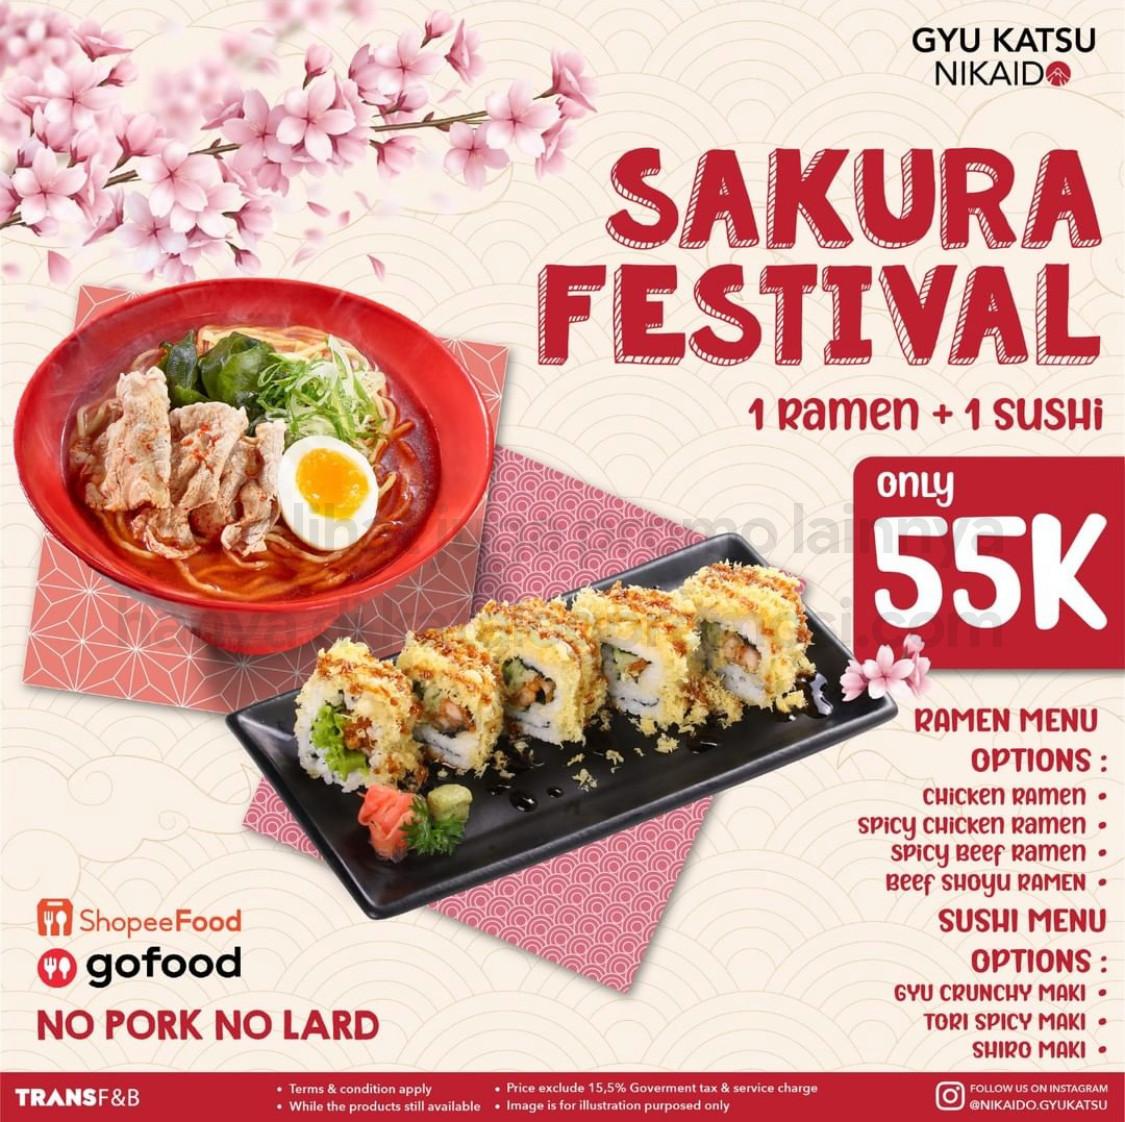 Gyukatsu Nikaido Promo  SAKURA FESTIVAL - Paket 1 ramen + 1 sushi hanya Rp 55.000,-